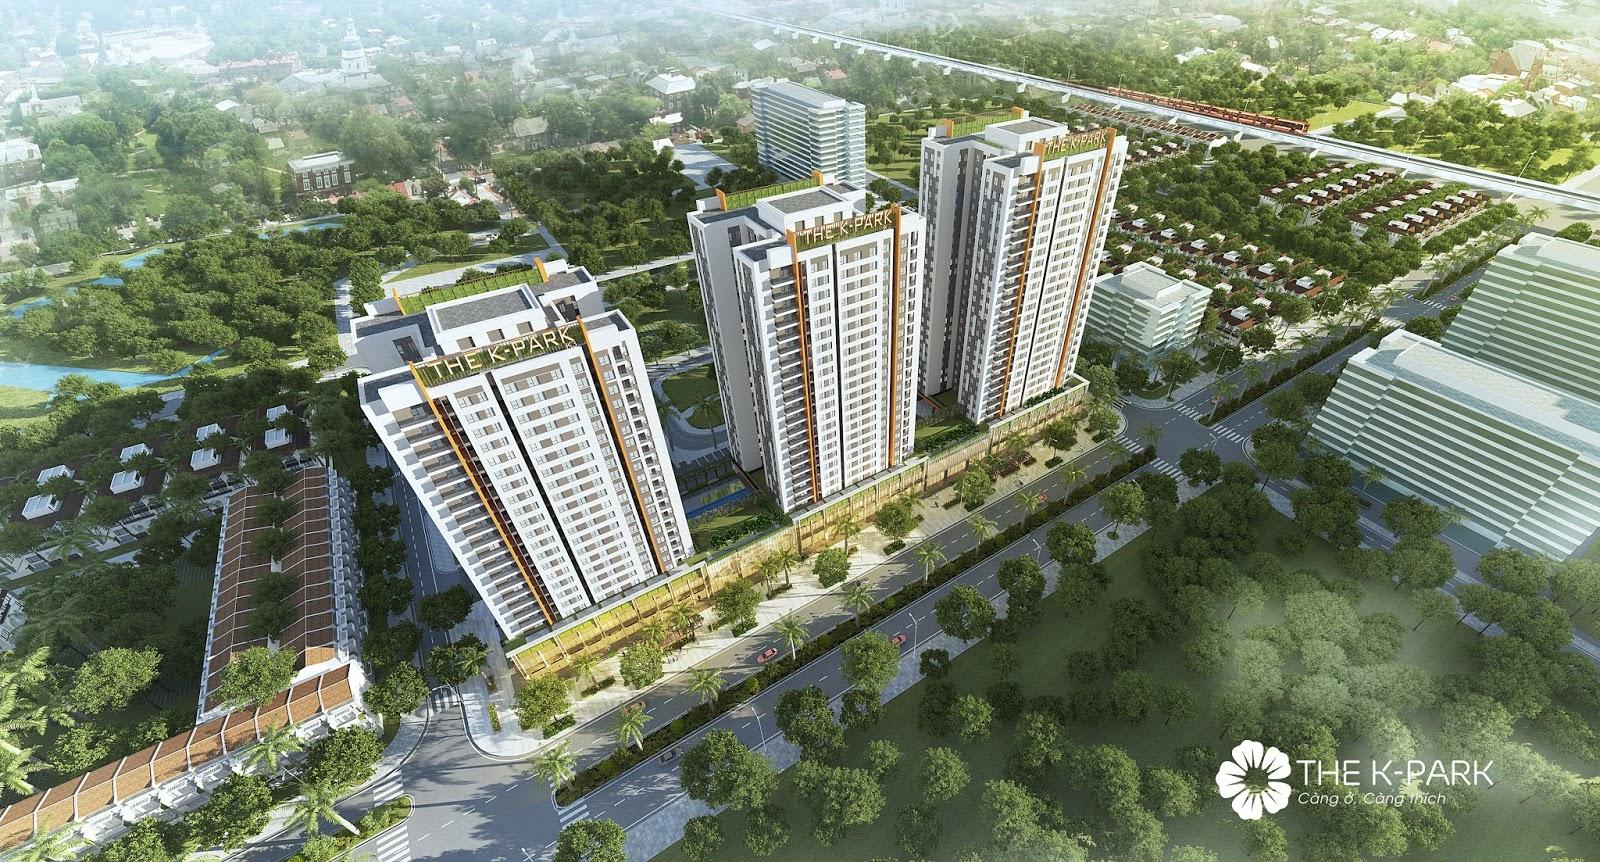 Chung cư The K-Park Văn Phú Hà Đông Hà Nội - CĐT Mở Bán